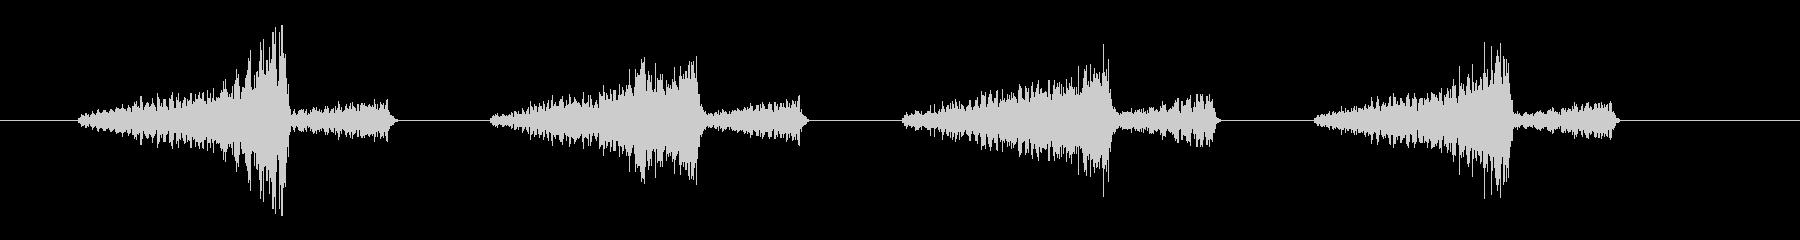 起動・アクセス音の未再生の波形